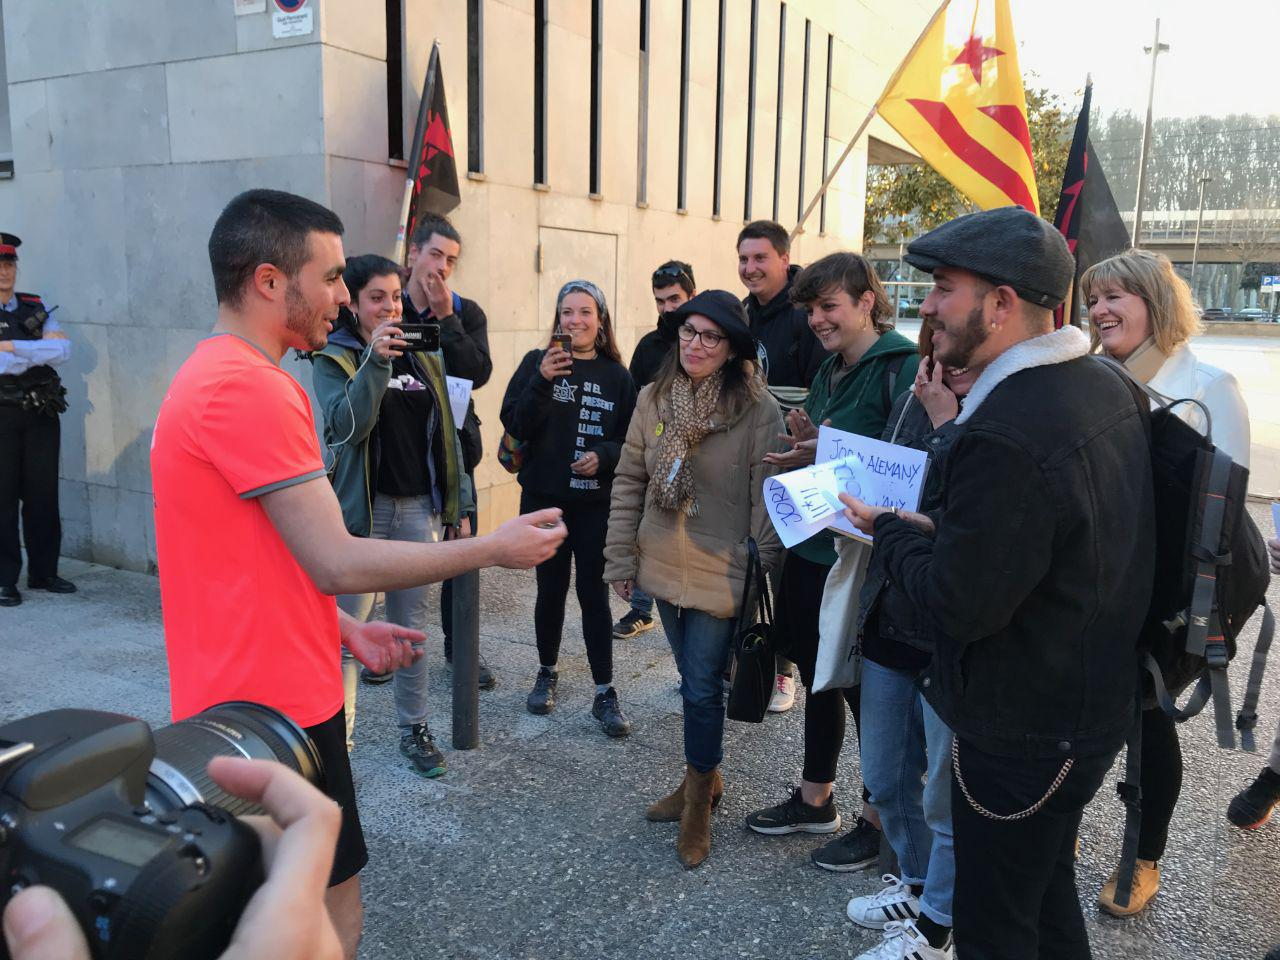 Sortida de comissaria de Jordi Alemany - Psicòlegs per la Independència